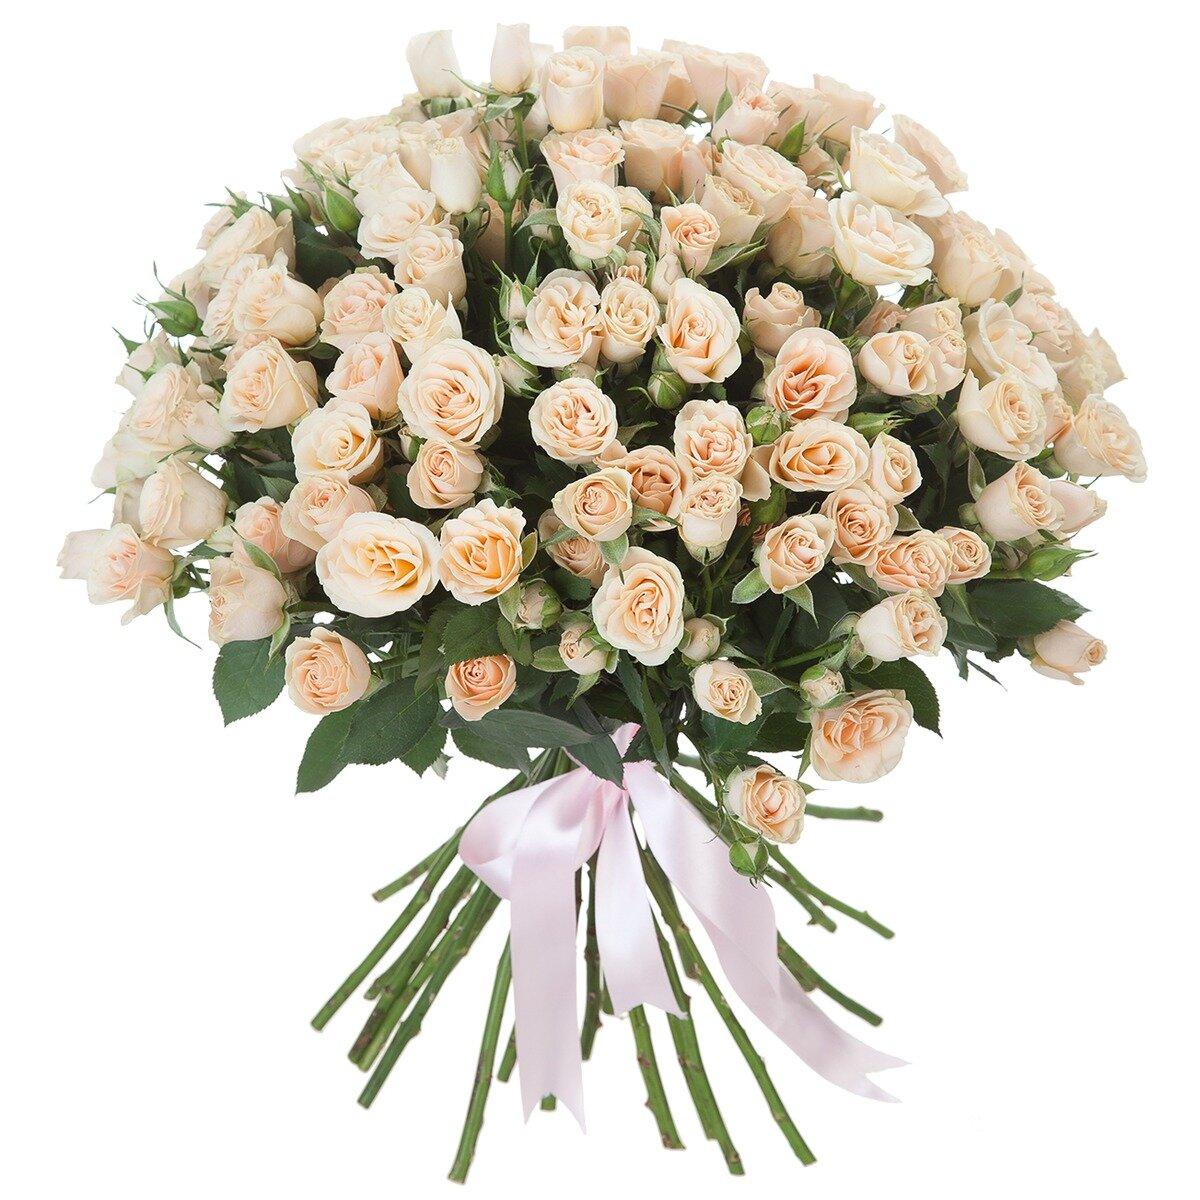 Роз доставкой, цветы в пензе цены фото